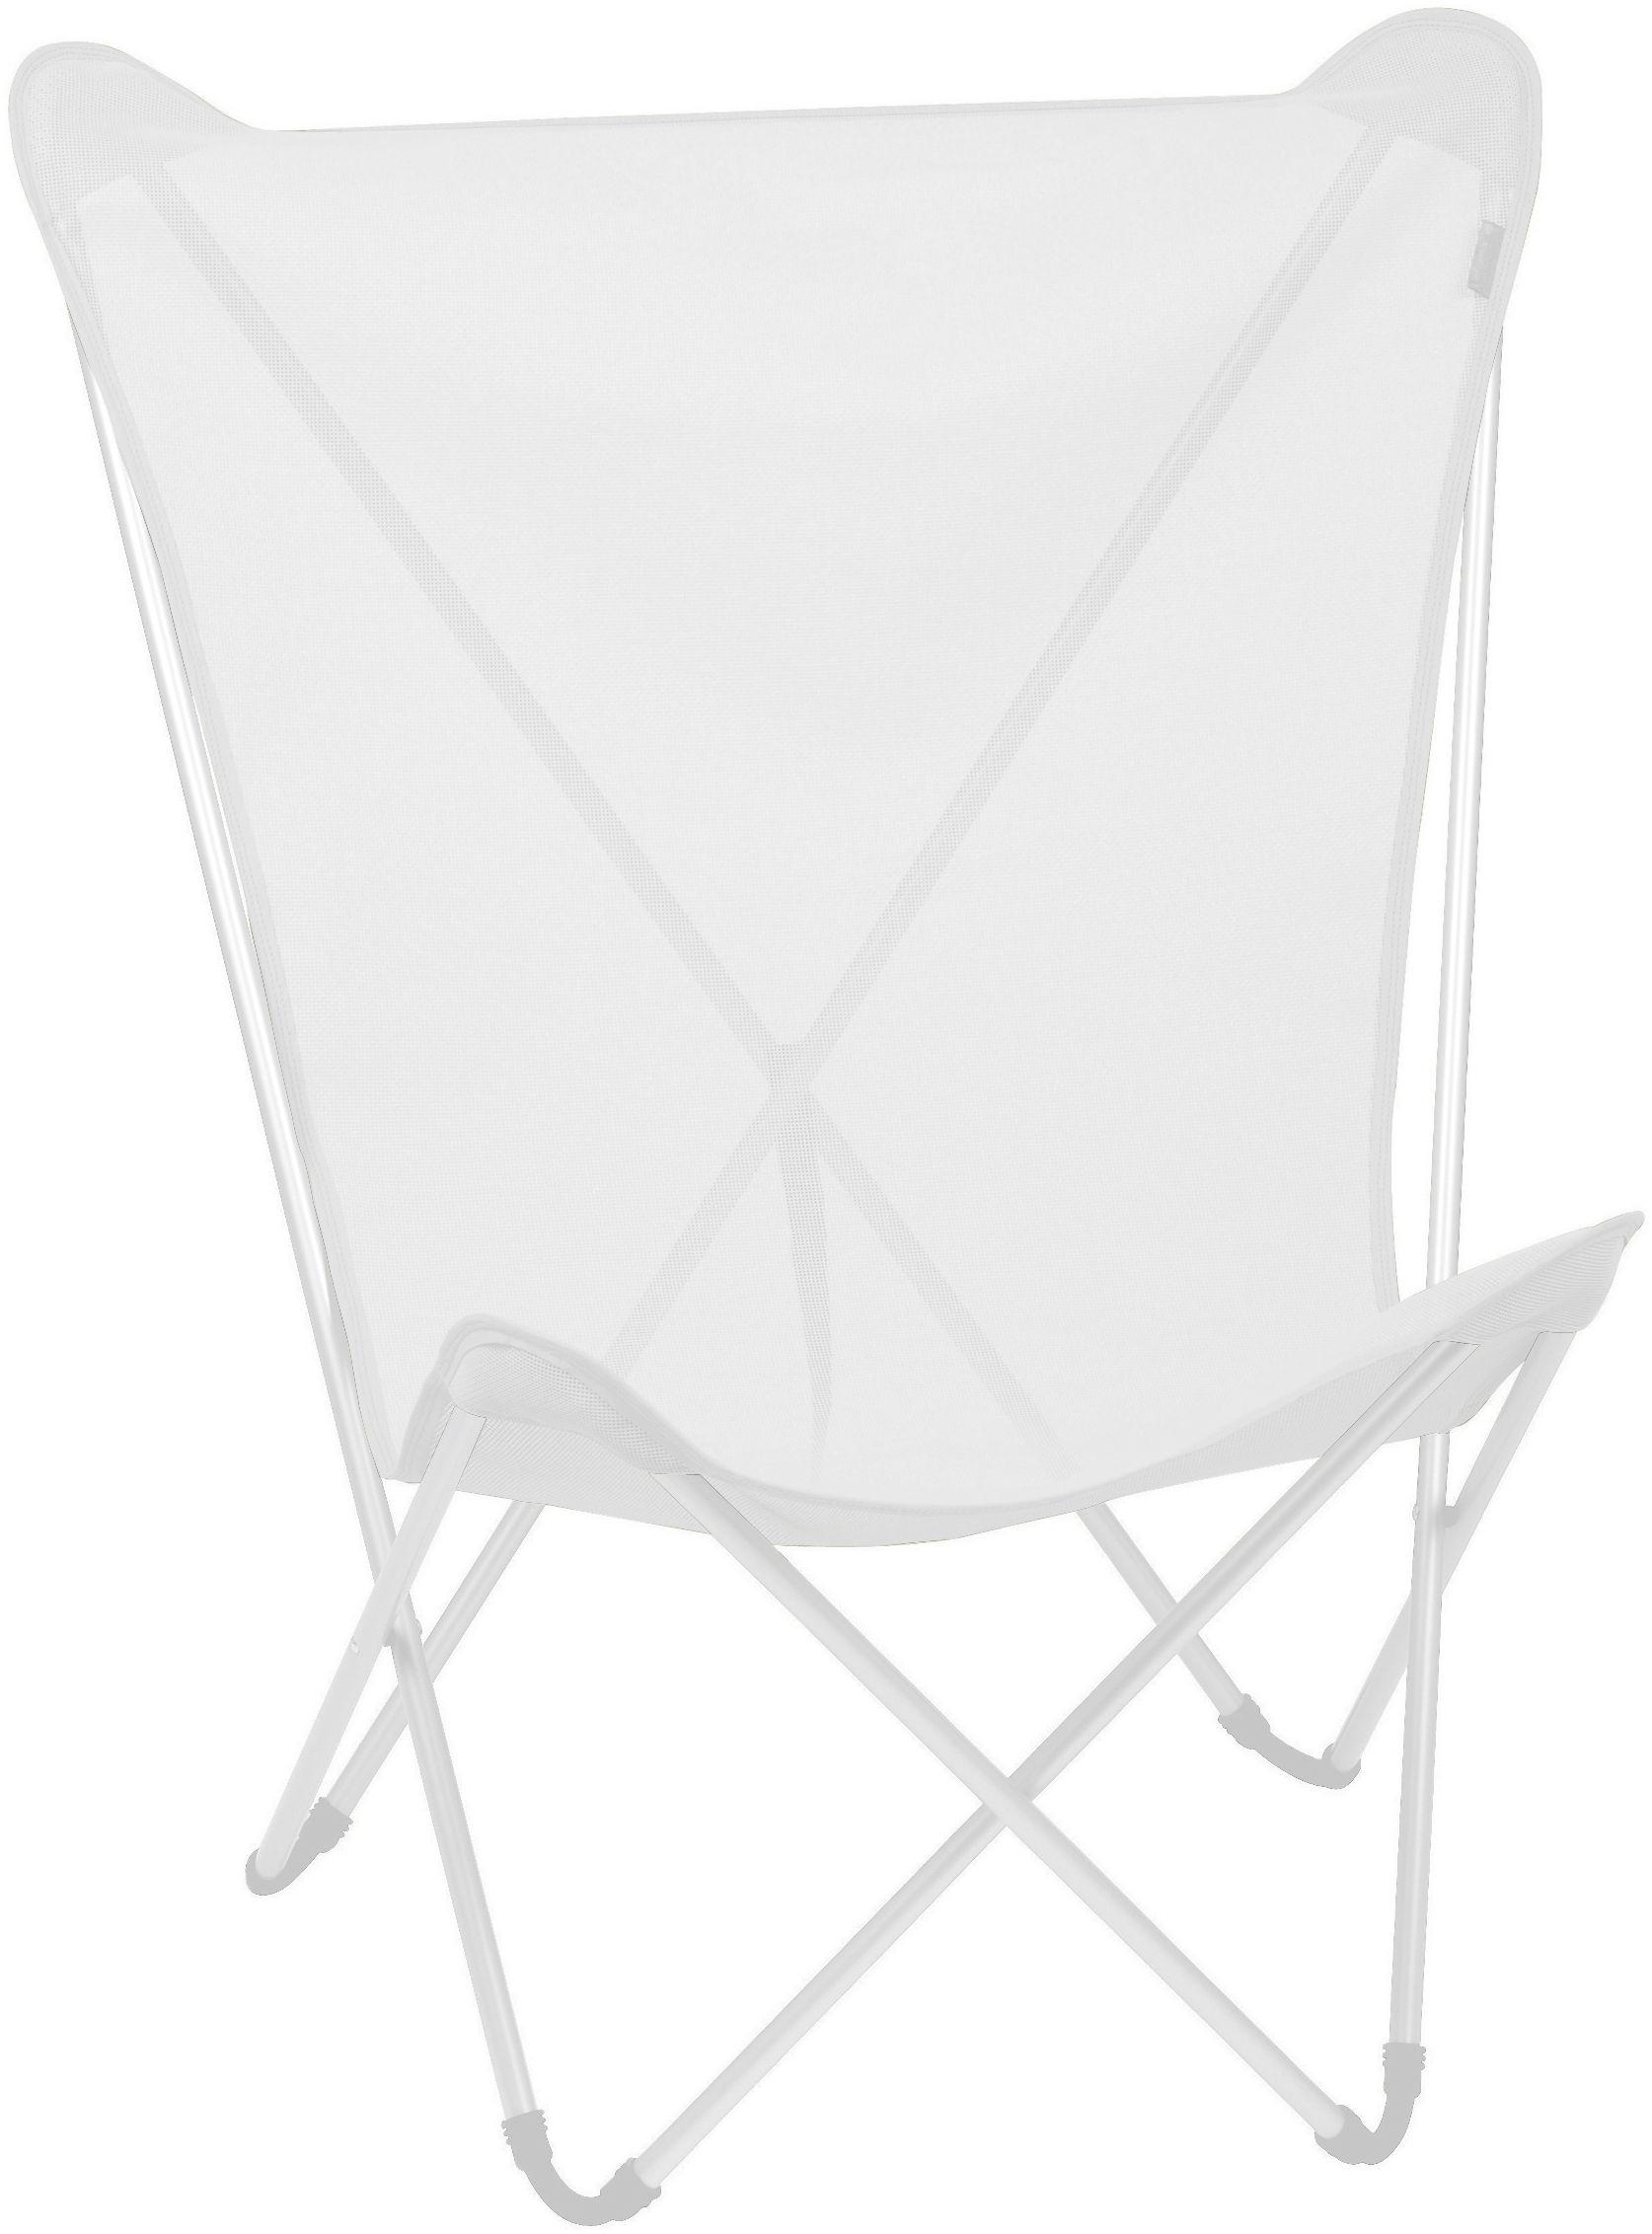 Toile de rechange pour maxi pop up toile de rechange - Housse fauteuil lafuma pop up ...